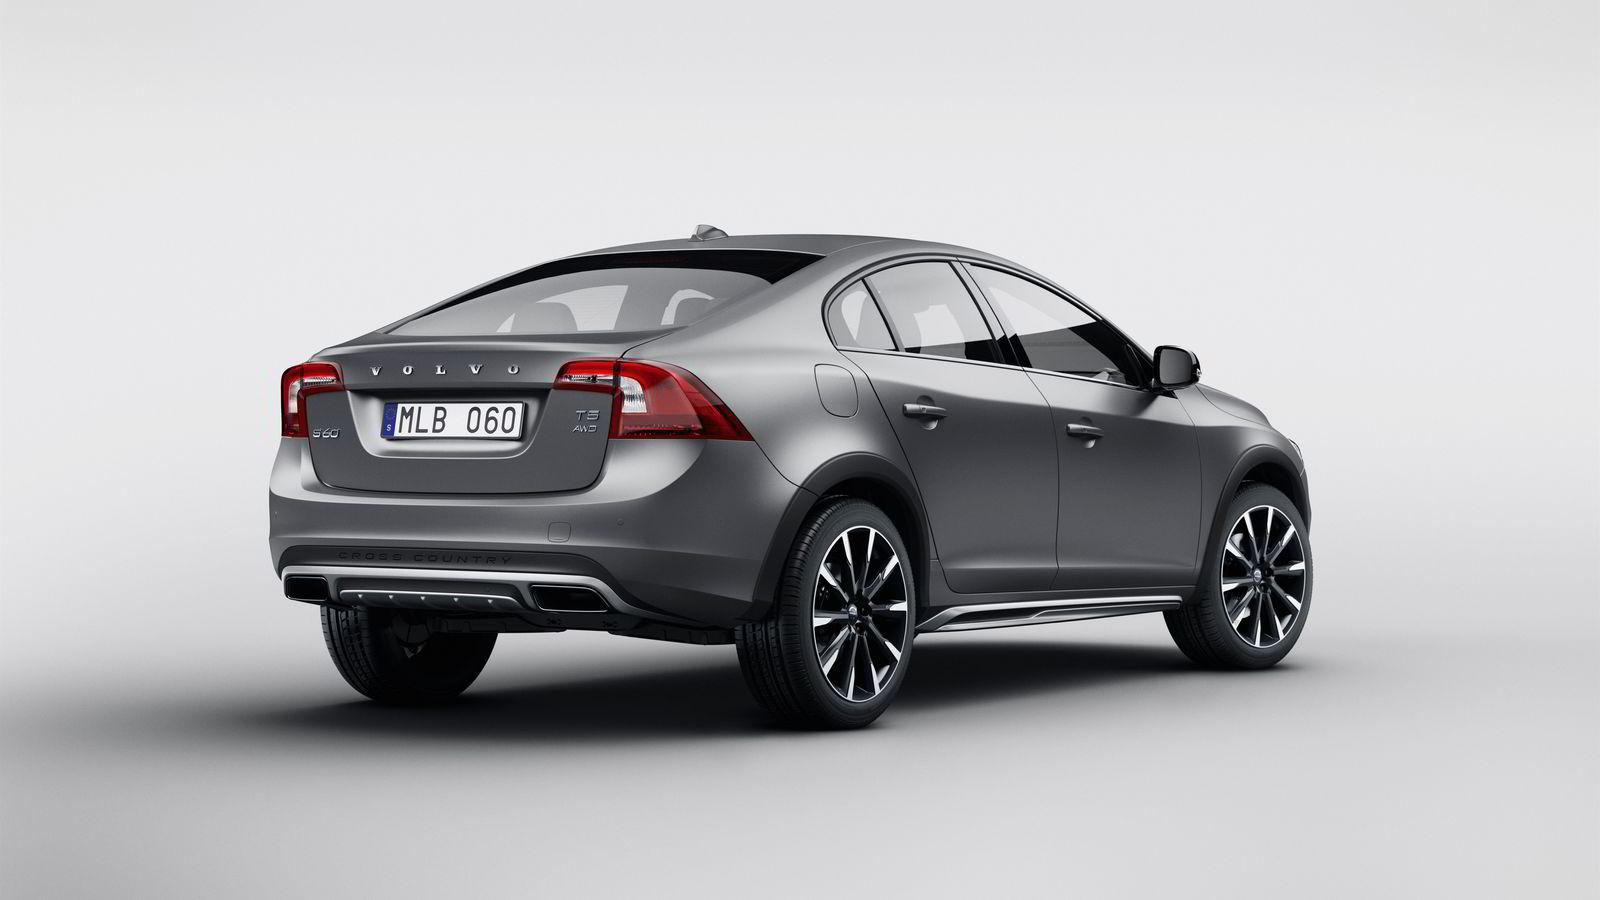 Volvo skaper en ny nisje innen bilene med en Cross Country-versjon av S60. Alle foto: